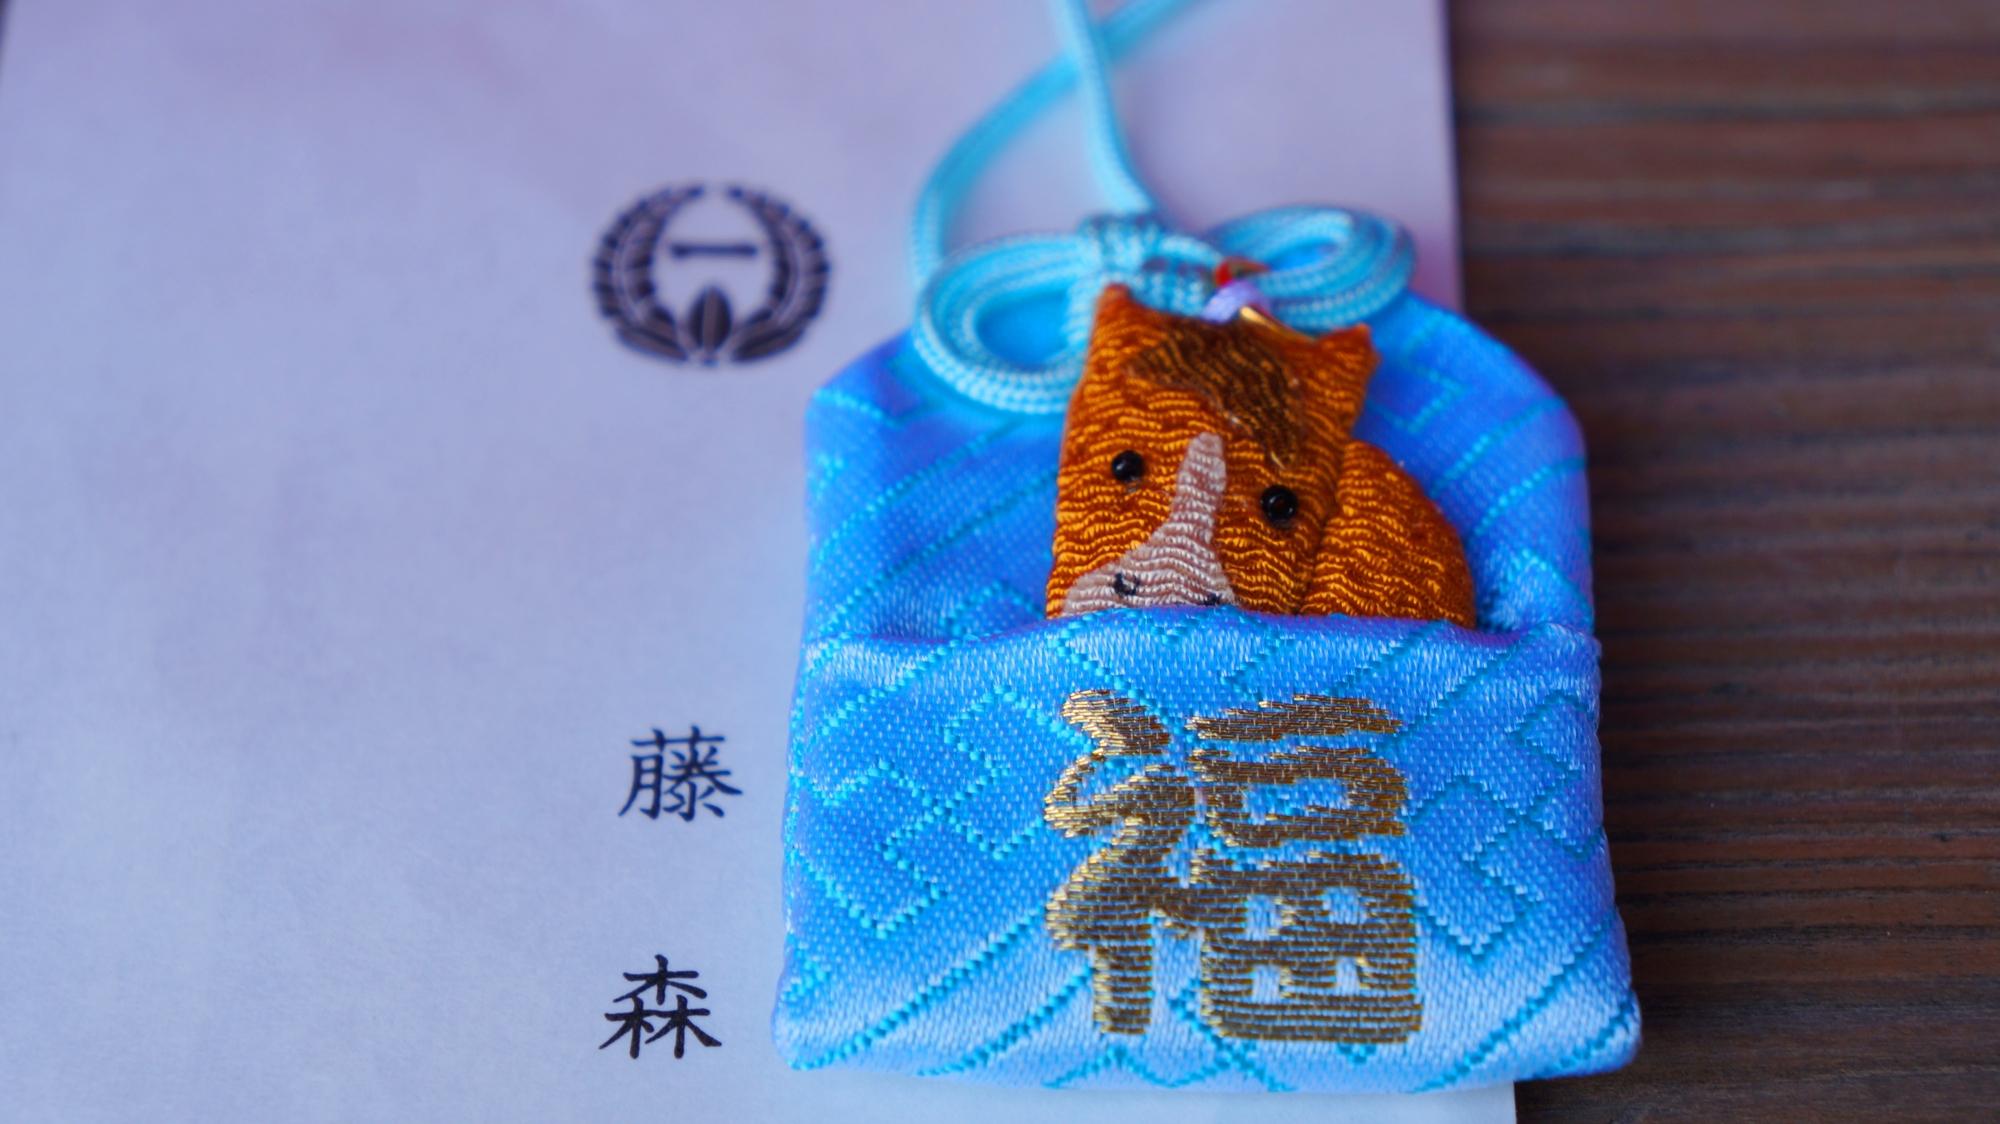 競馬の神様として有名な京都藤森神社の可愛い福馬守